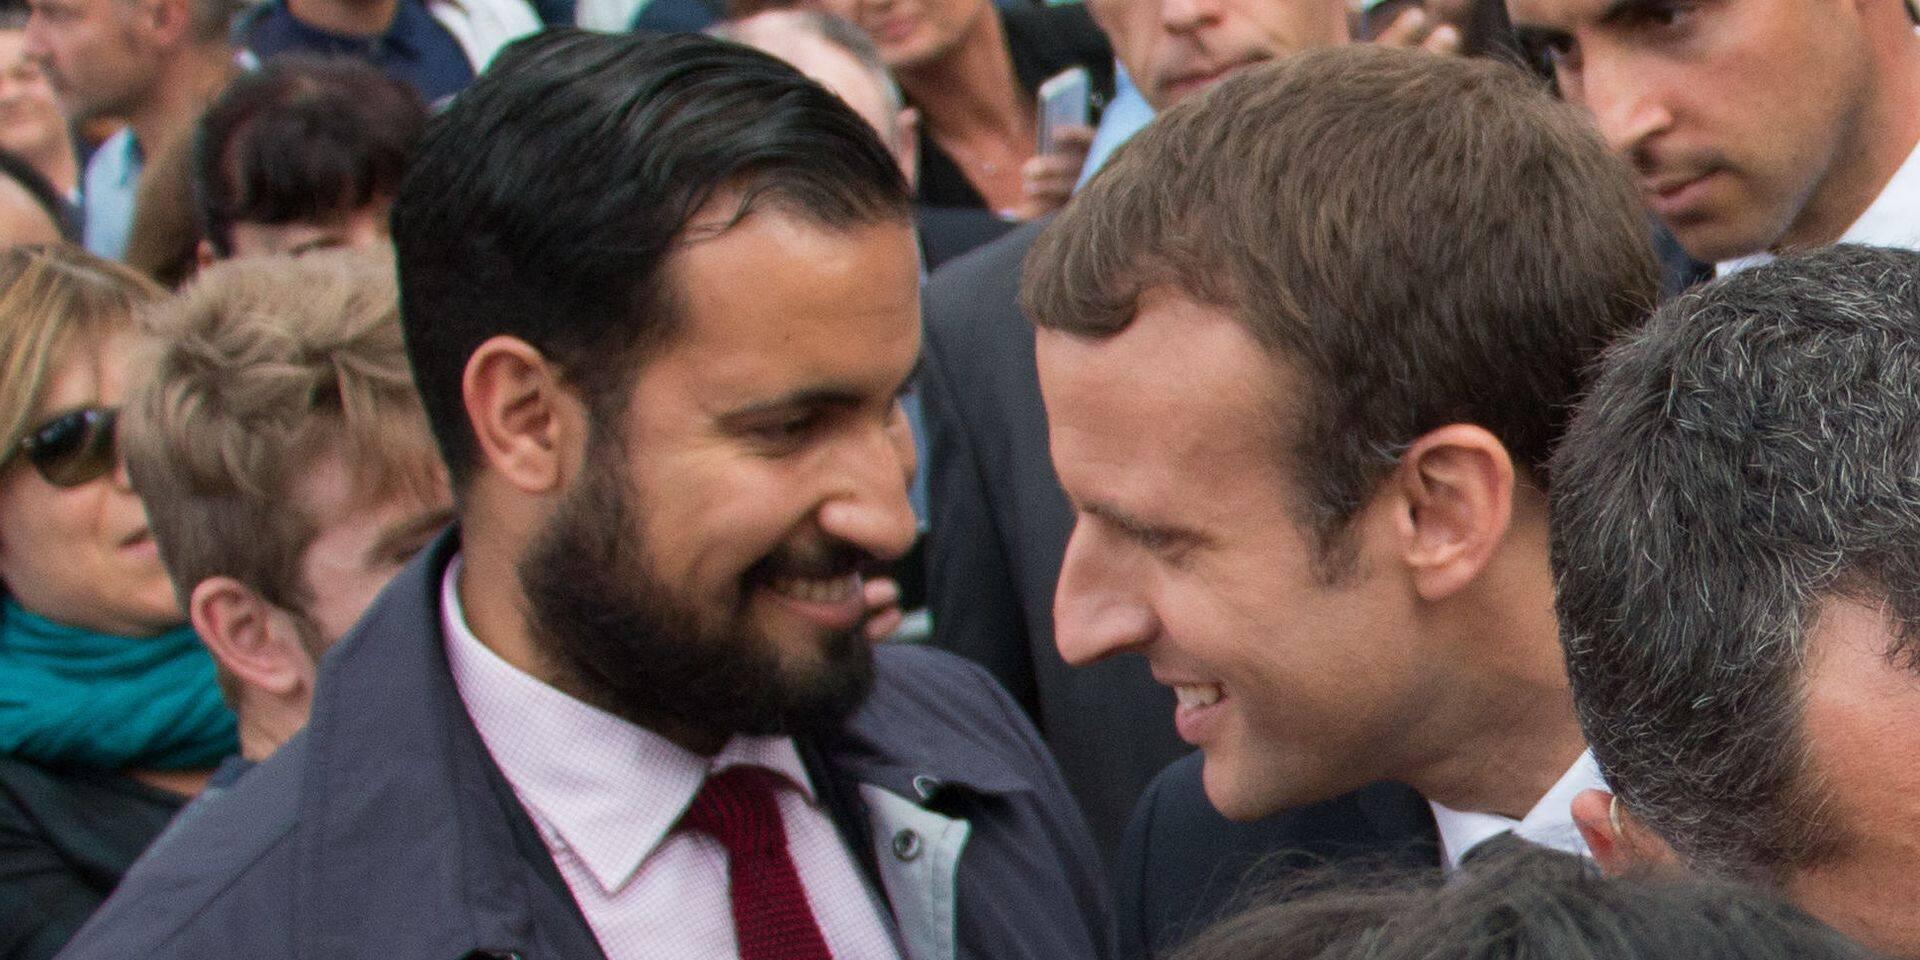 Affaire Benalla : le pouvoir vacille, Macron se mure dans un pesant silence